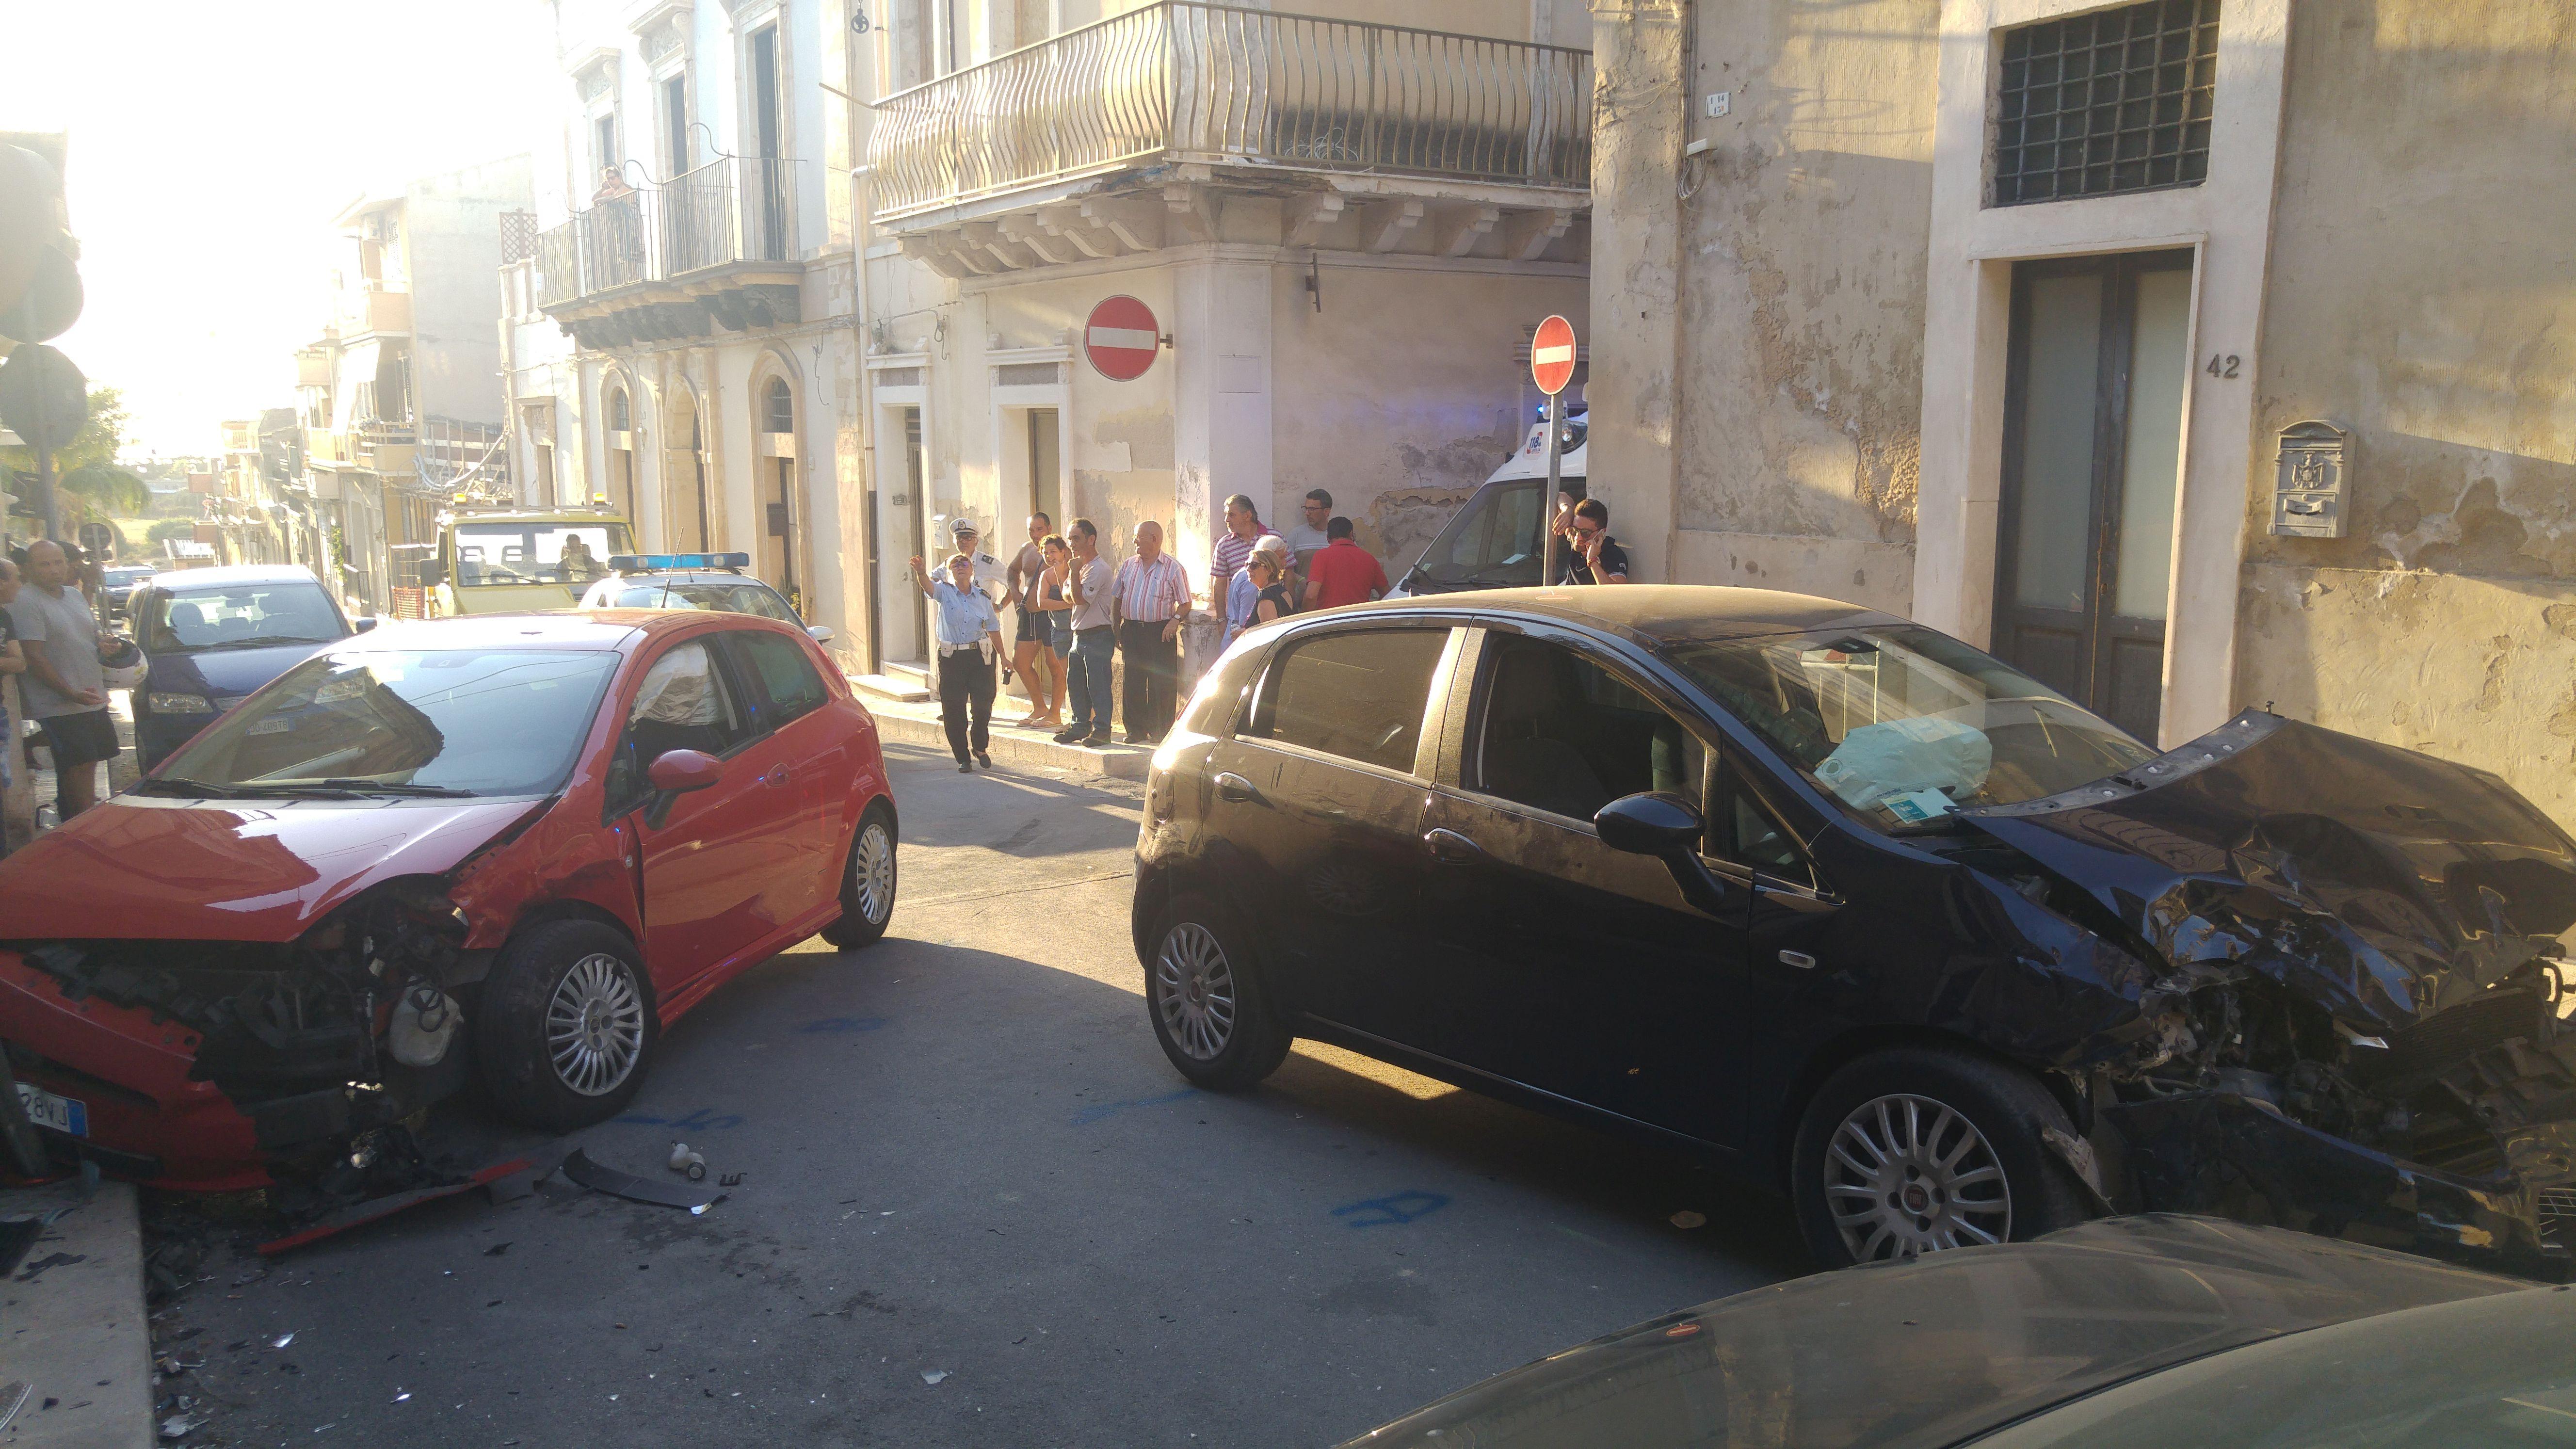 Incidente d'auto fra via dei Martiri e via Castel Sant'Elena: alcuni feriti